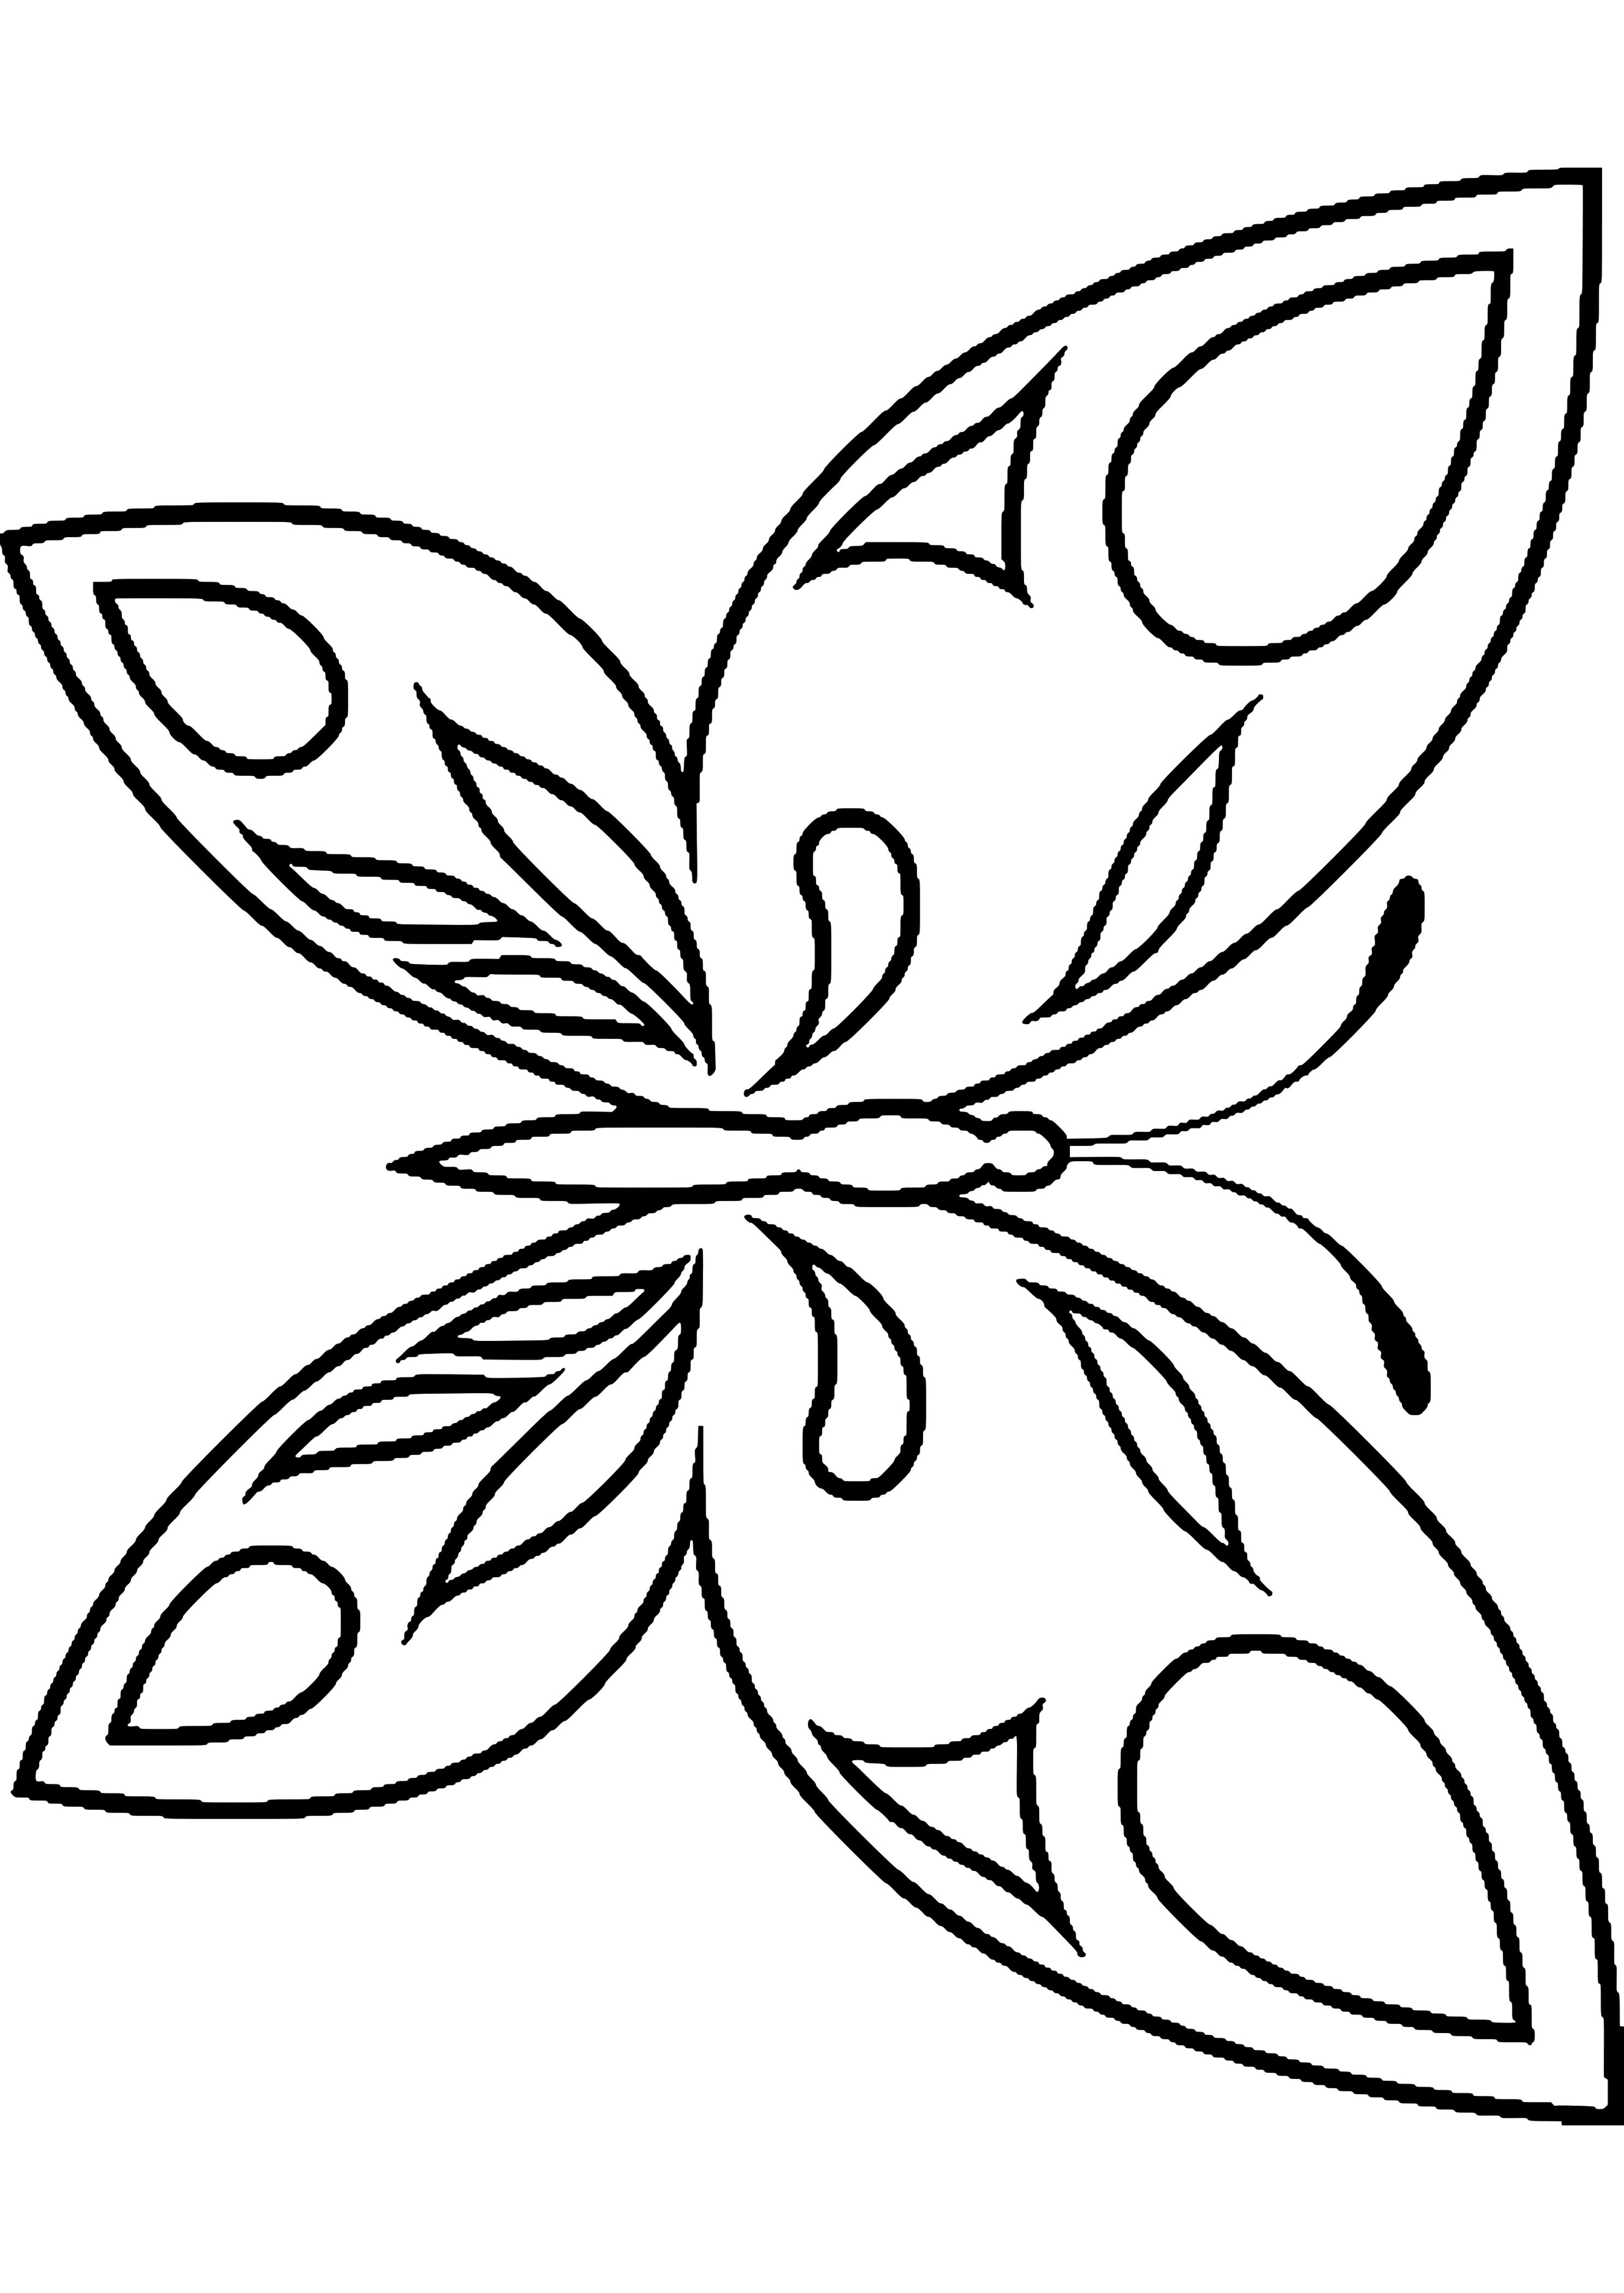 Neu Schmetterling Vorlagen Malvorlagen Malvorlagenfurkinder Malvorlagenfurerwachsene Schmetterling Vorlage Ausmalbilder Schmetterling Schmetterling Ausmalen